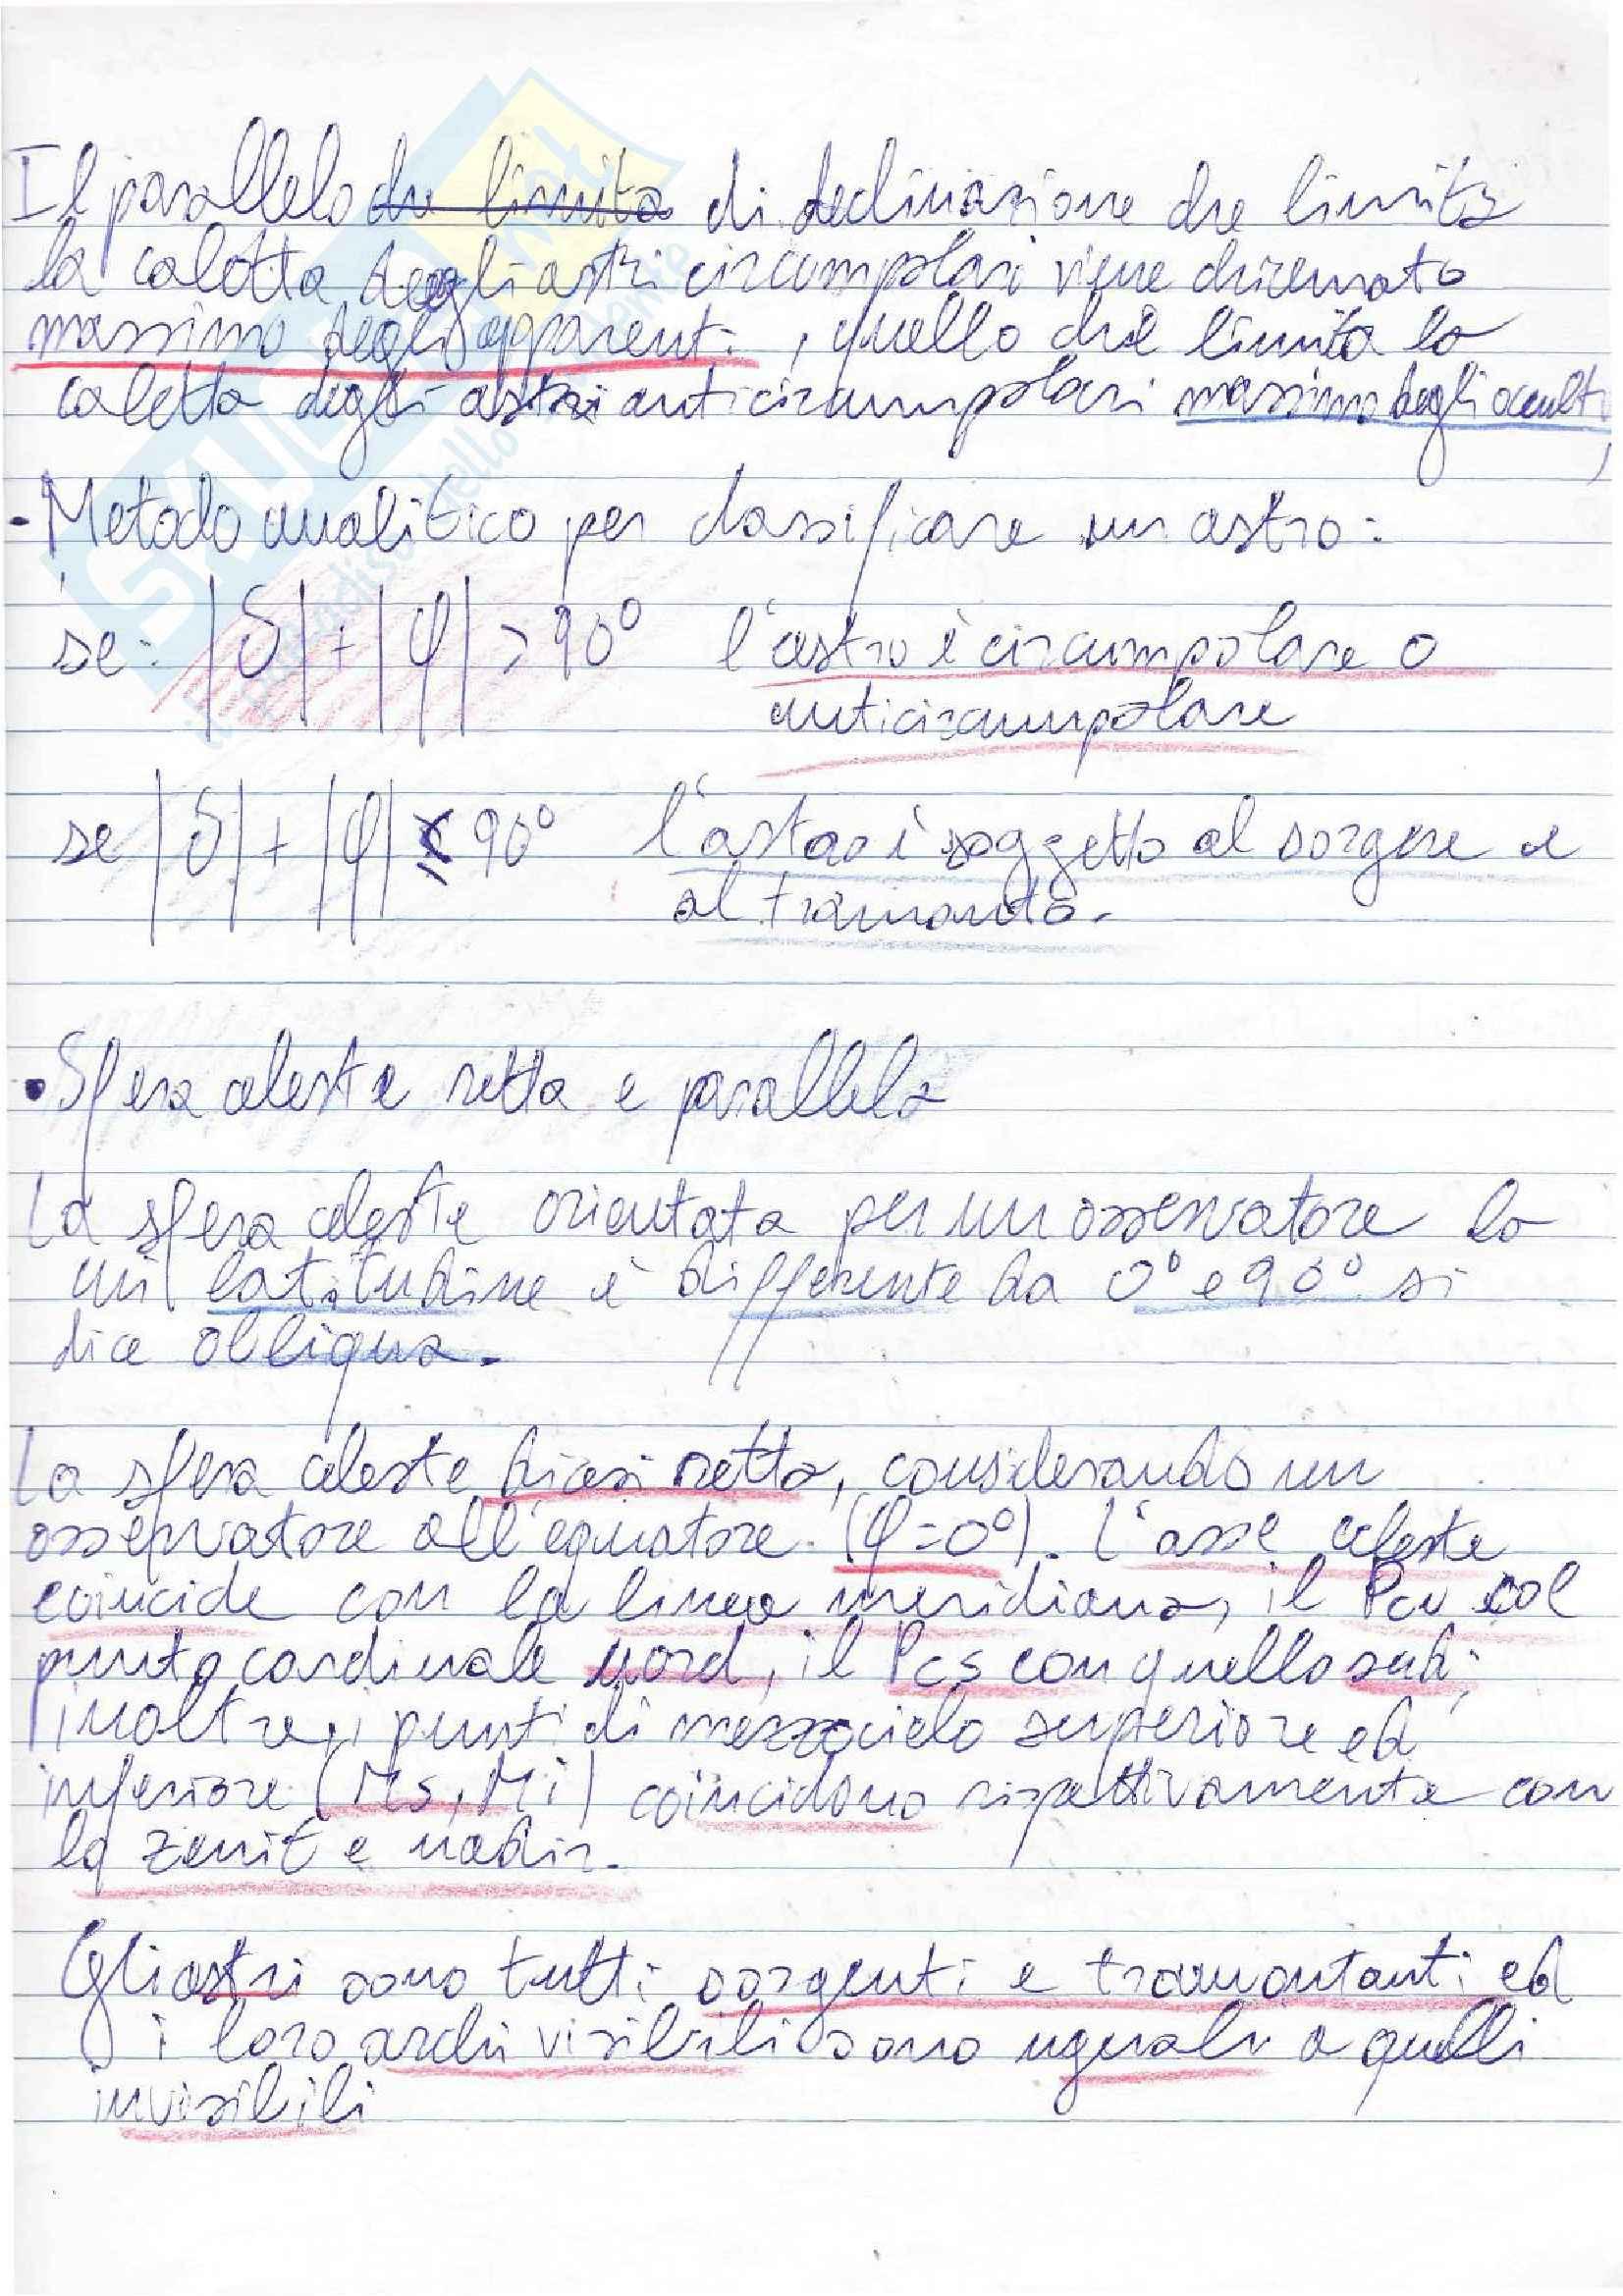 Lezioni, Navigazione Astronomica Pag. 11